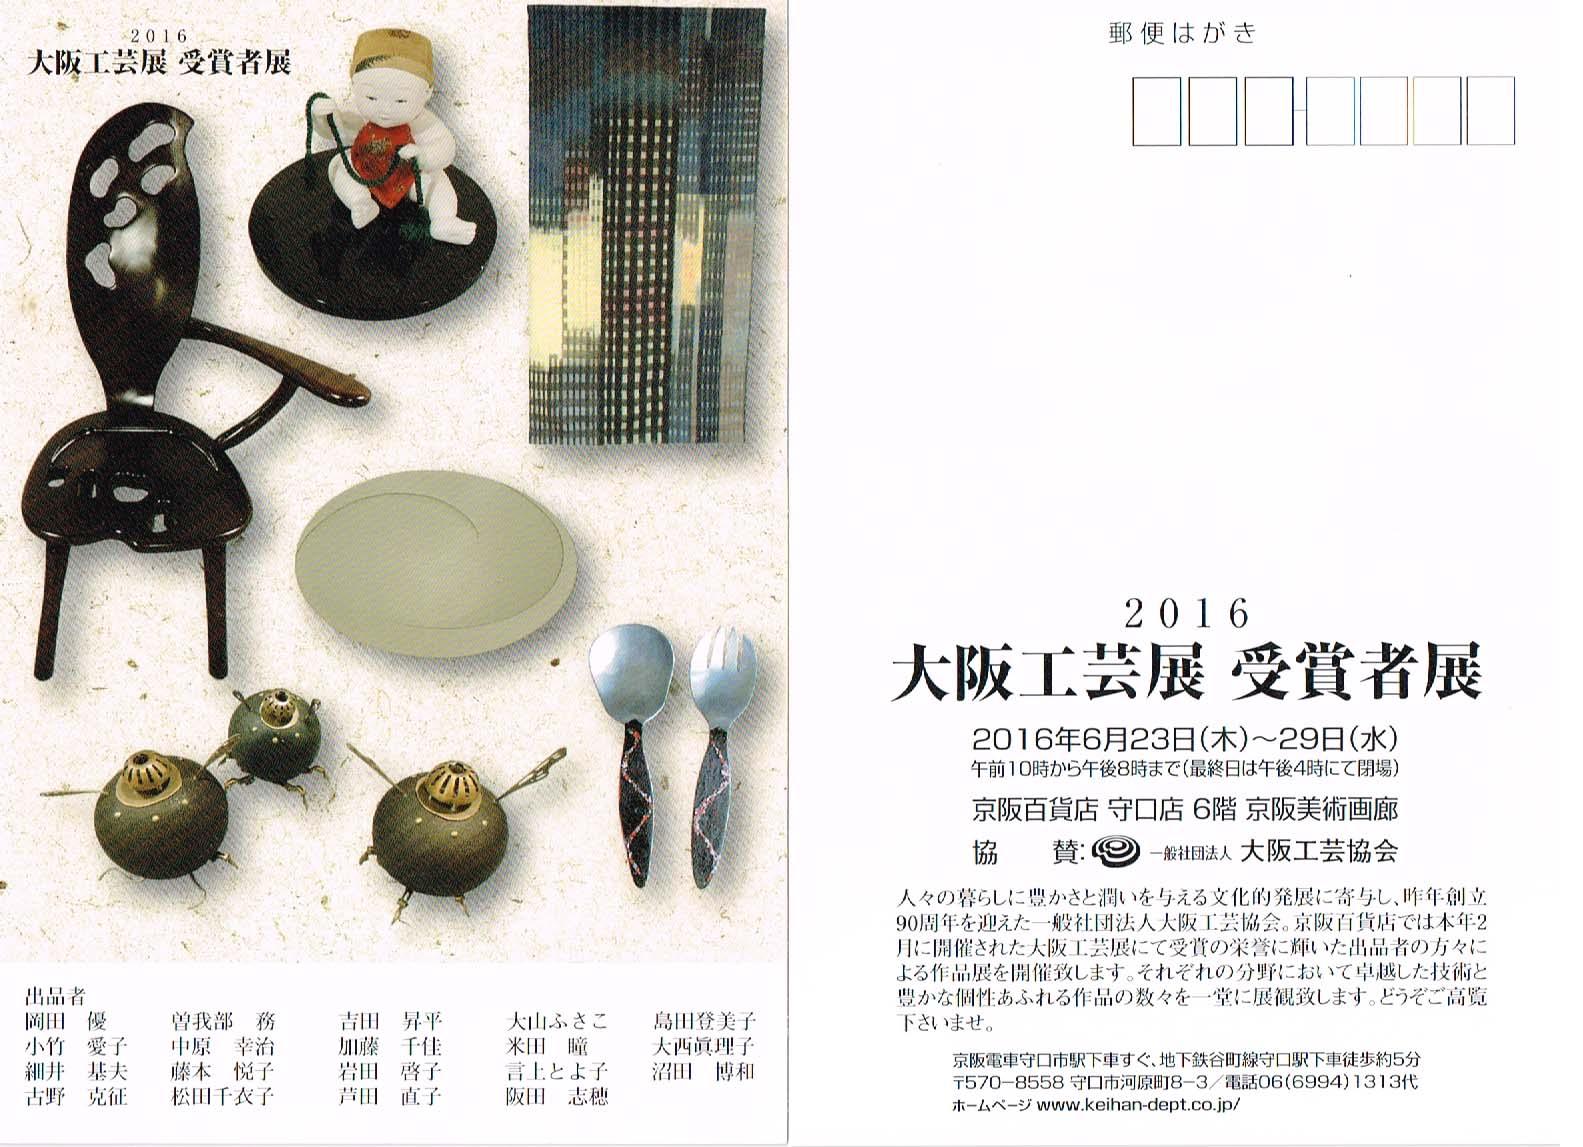 2016大阪工芸展のコピー.jpg